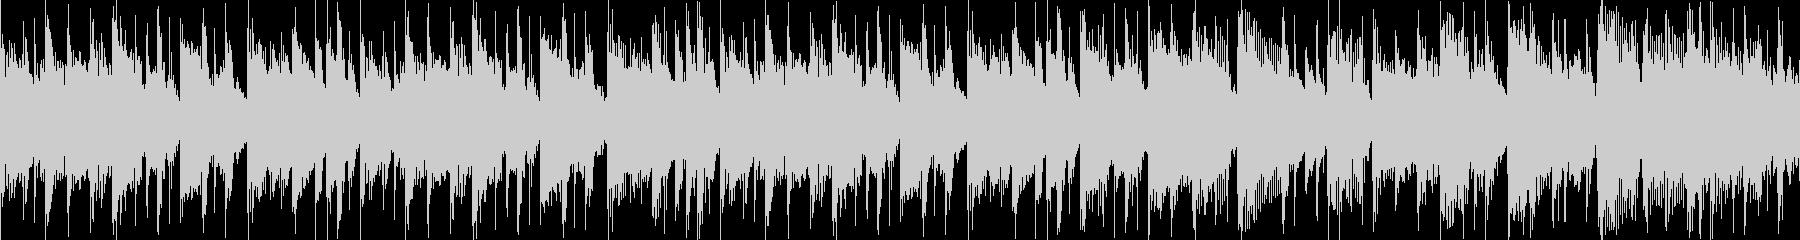 汎用BGM/クール(LOOP対応)の未再生の波形